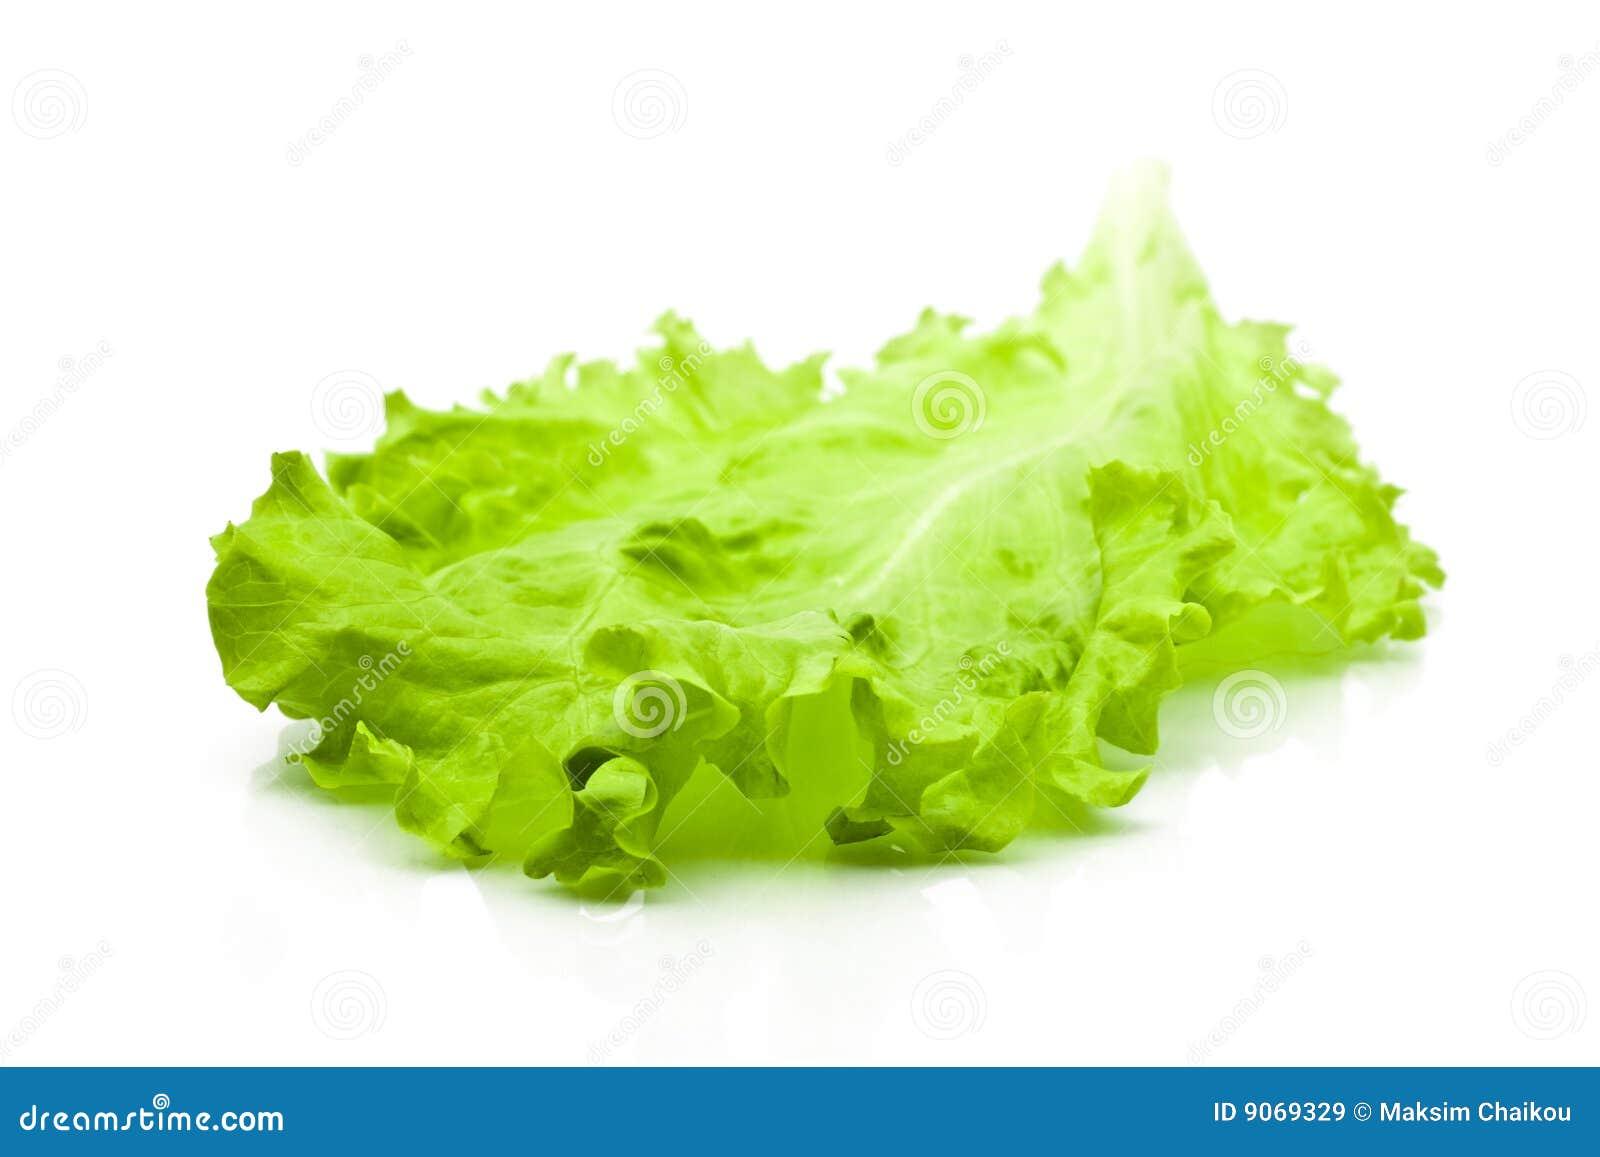 green leaf lettuce stock image image of salad vegetable 9069329